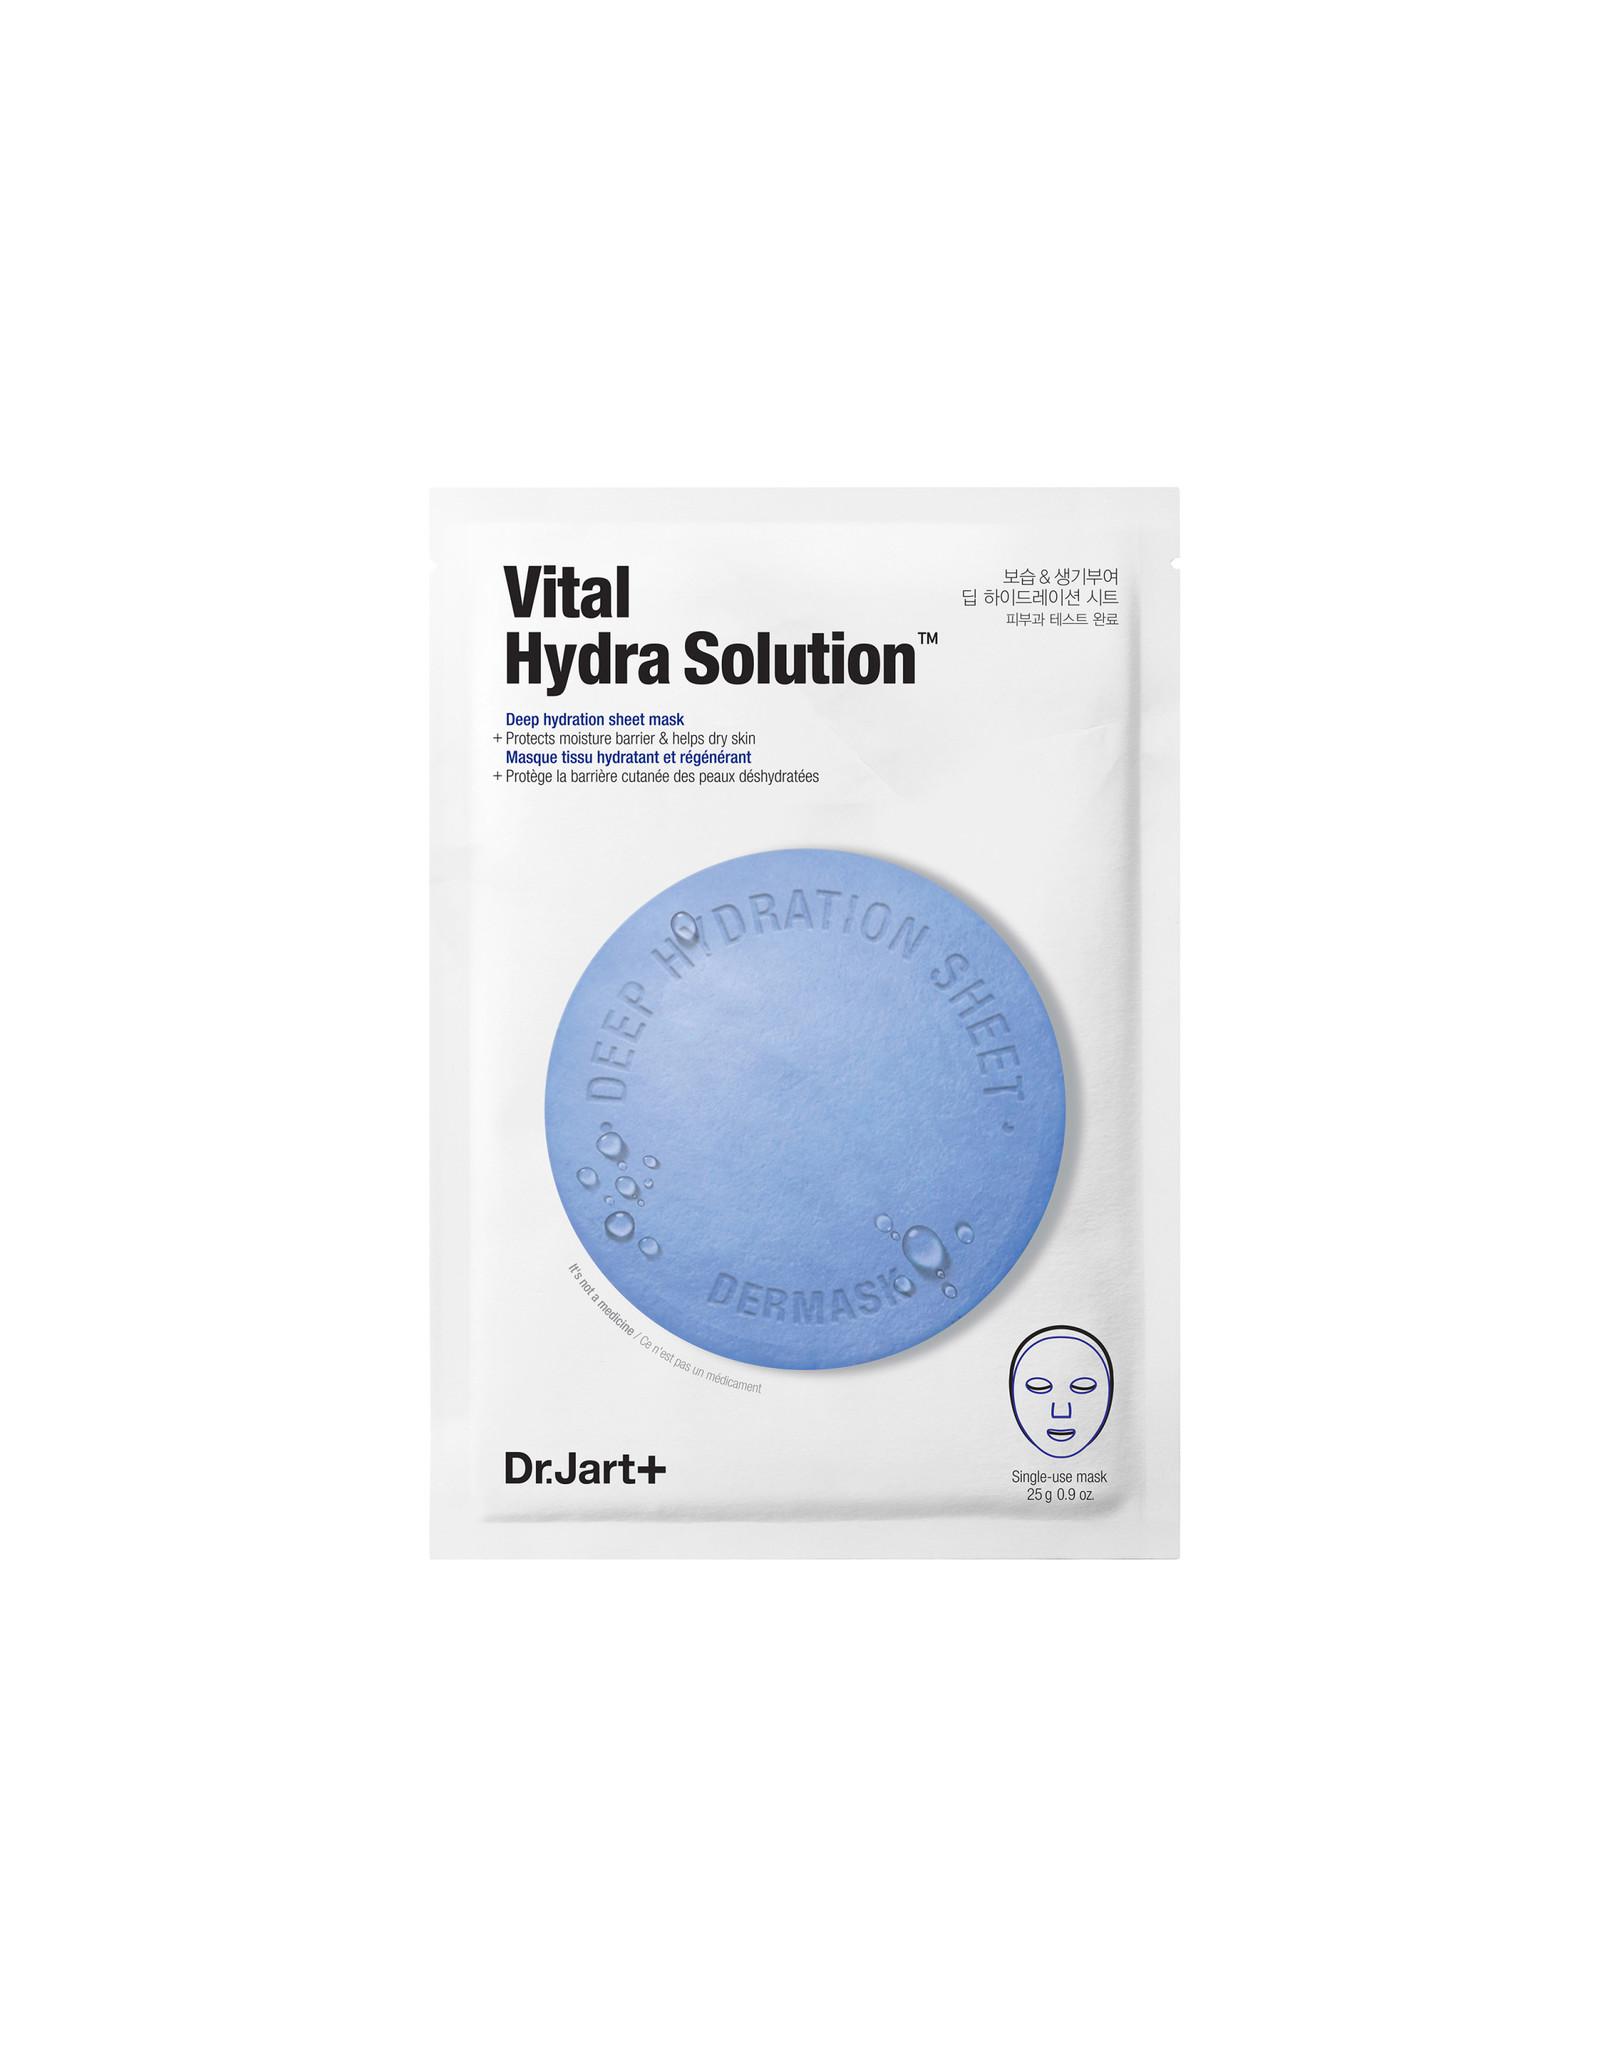 Dr. Jart+ Dr. Jart+ Dermask Water Jet Vital Hydra Solution